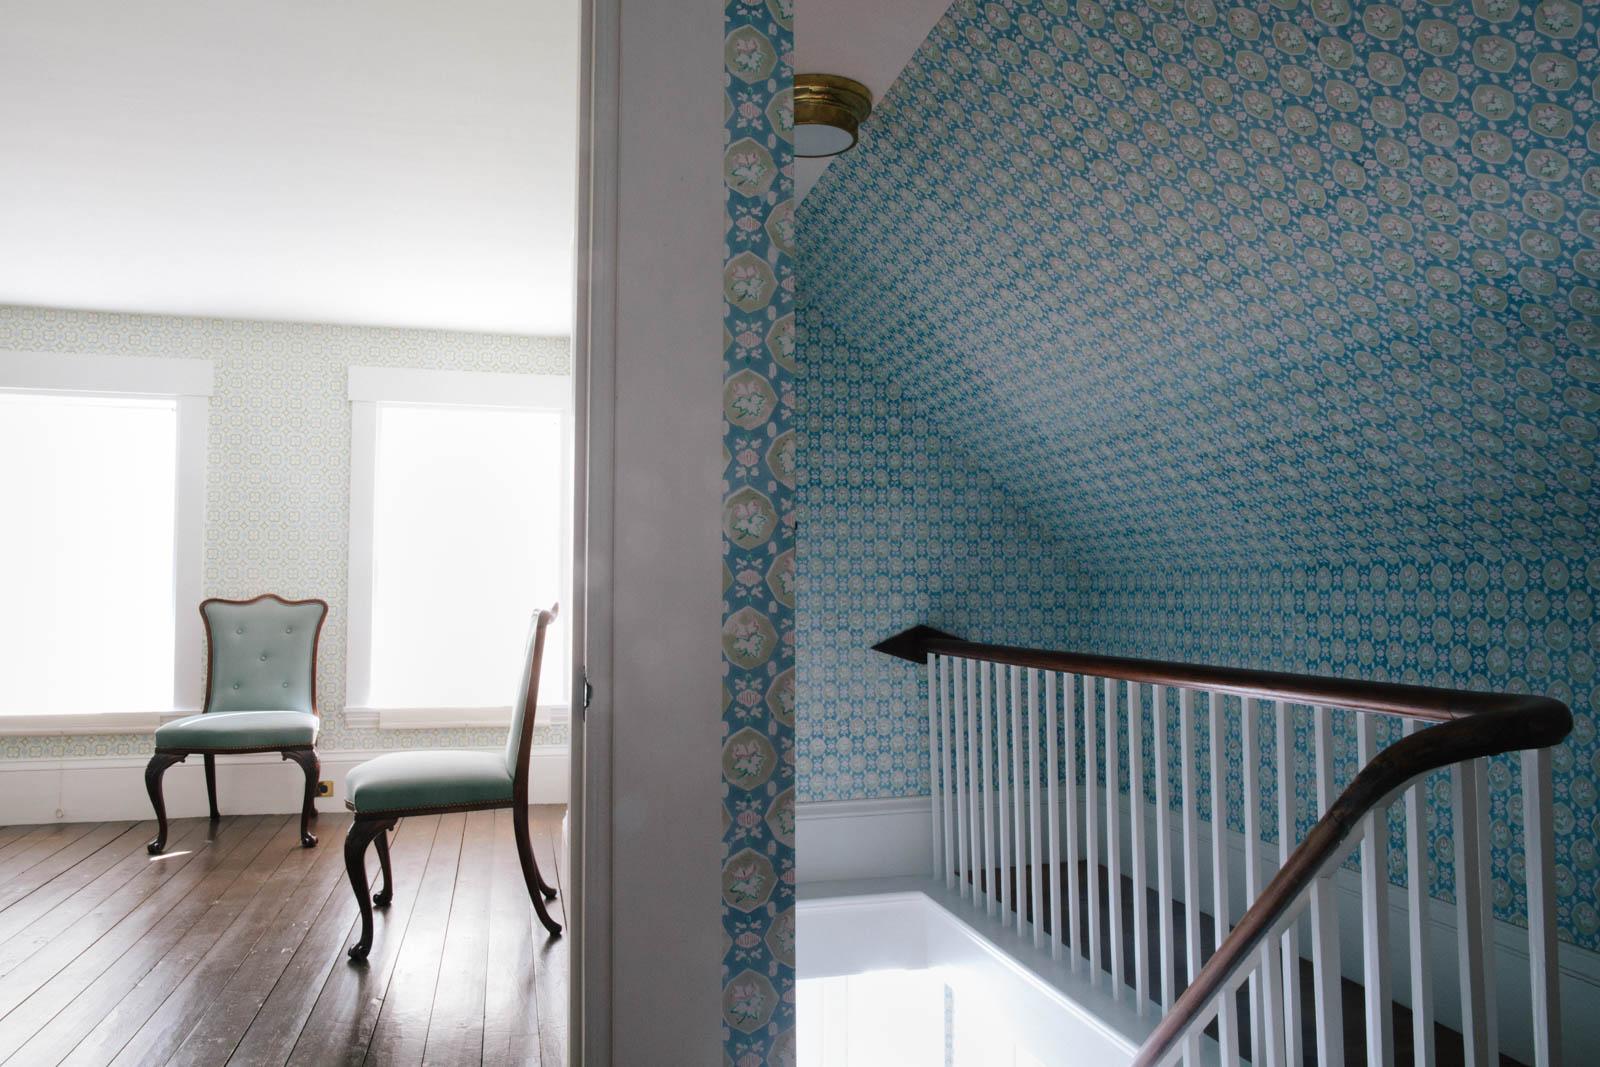 48 Jim_Wallpaper_US Hallway-6JA2A9459-min.jpg